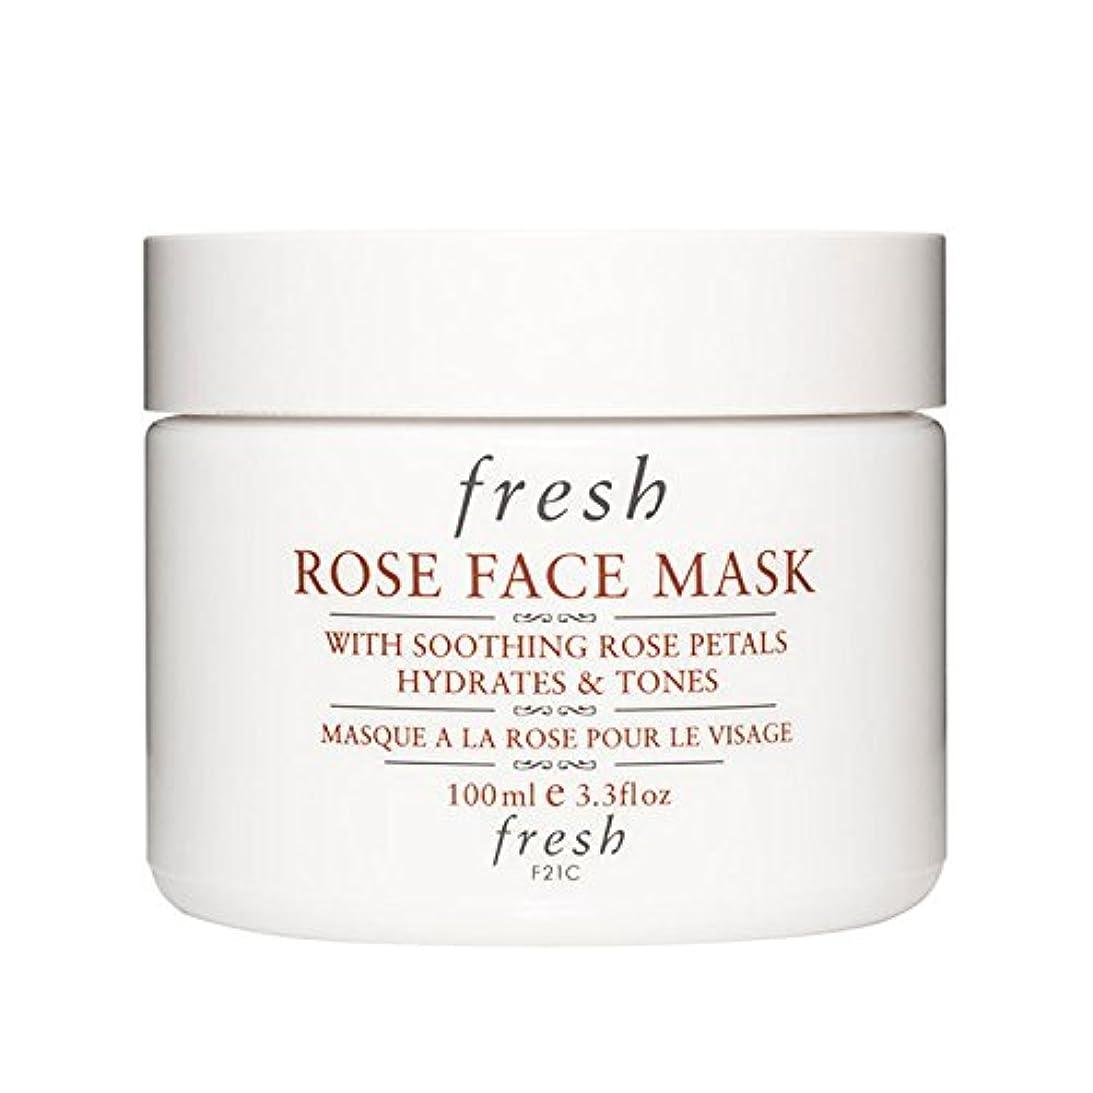 高音エクステント分析的な【並行輸入品】Fresh ROSE FACE MASK (フレッシュ ローズフェイスマスク) 3.4 oz (100g) by Fresh for Women